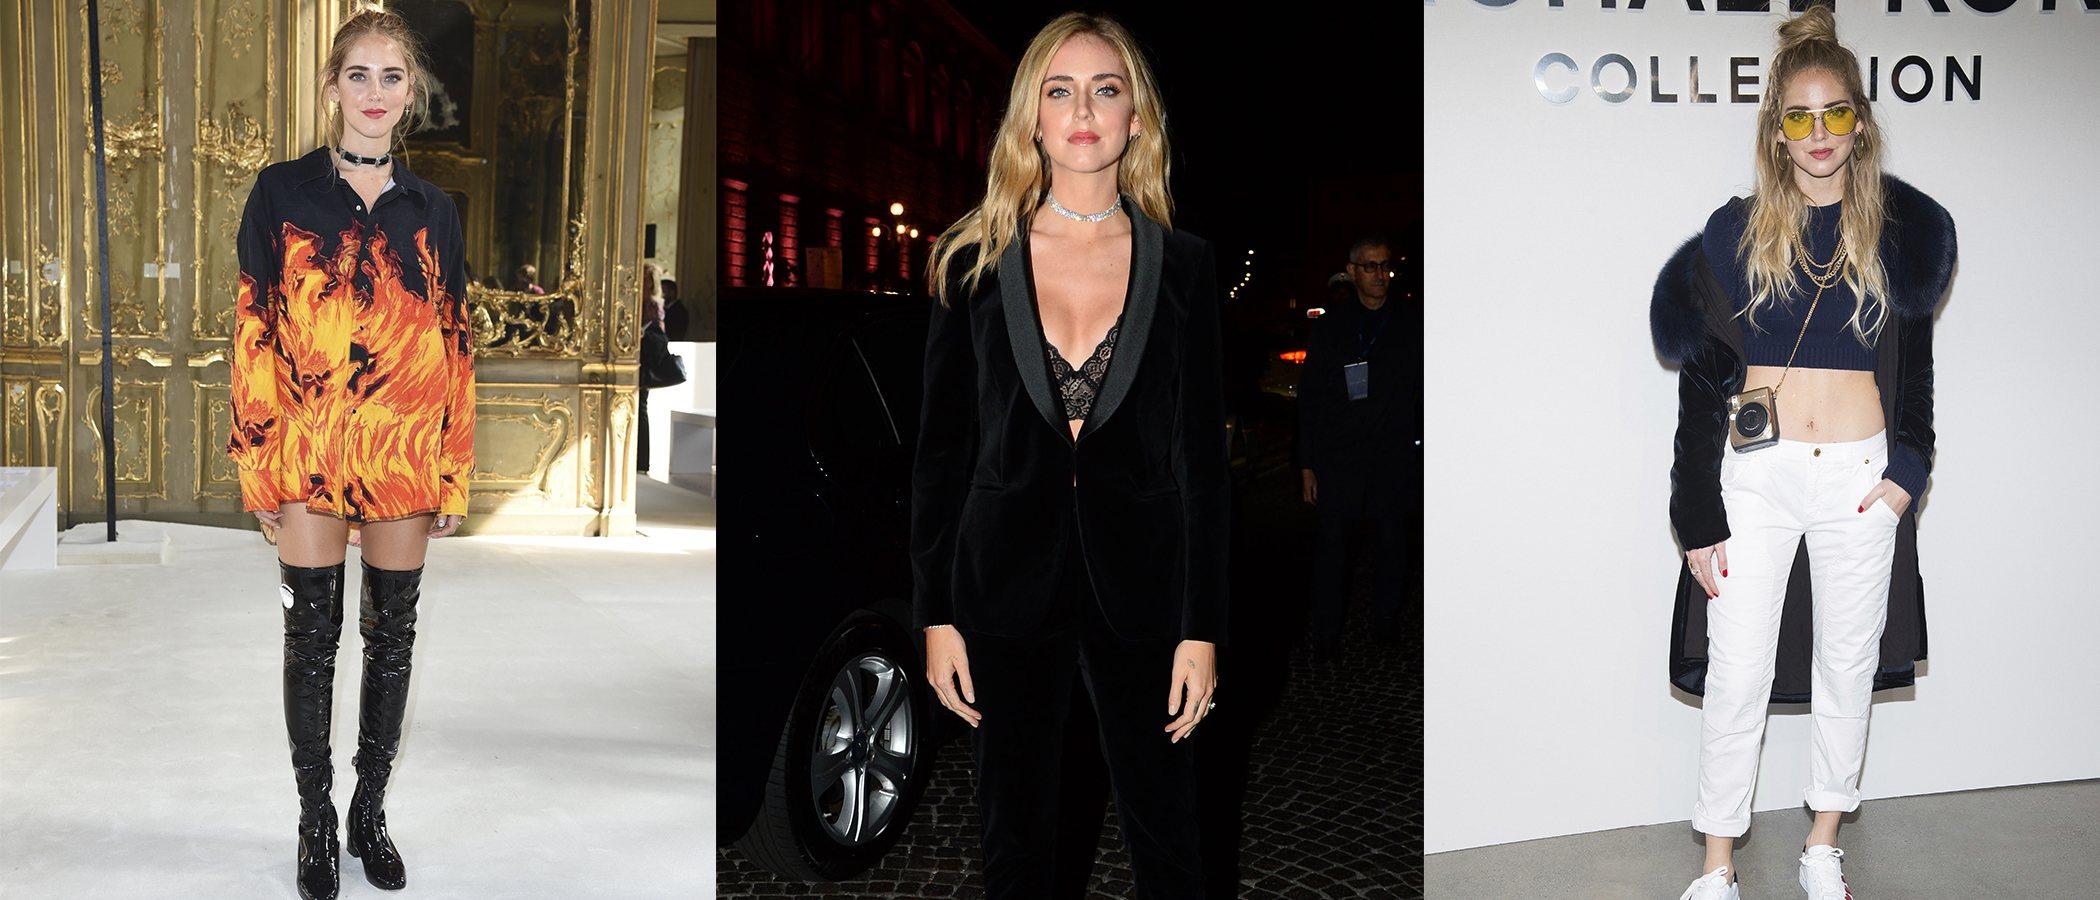 La evolución de estilismos de Chiara Ferragni, la reina italiana de la moda